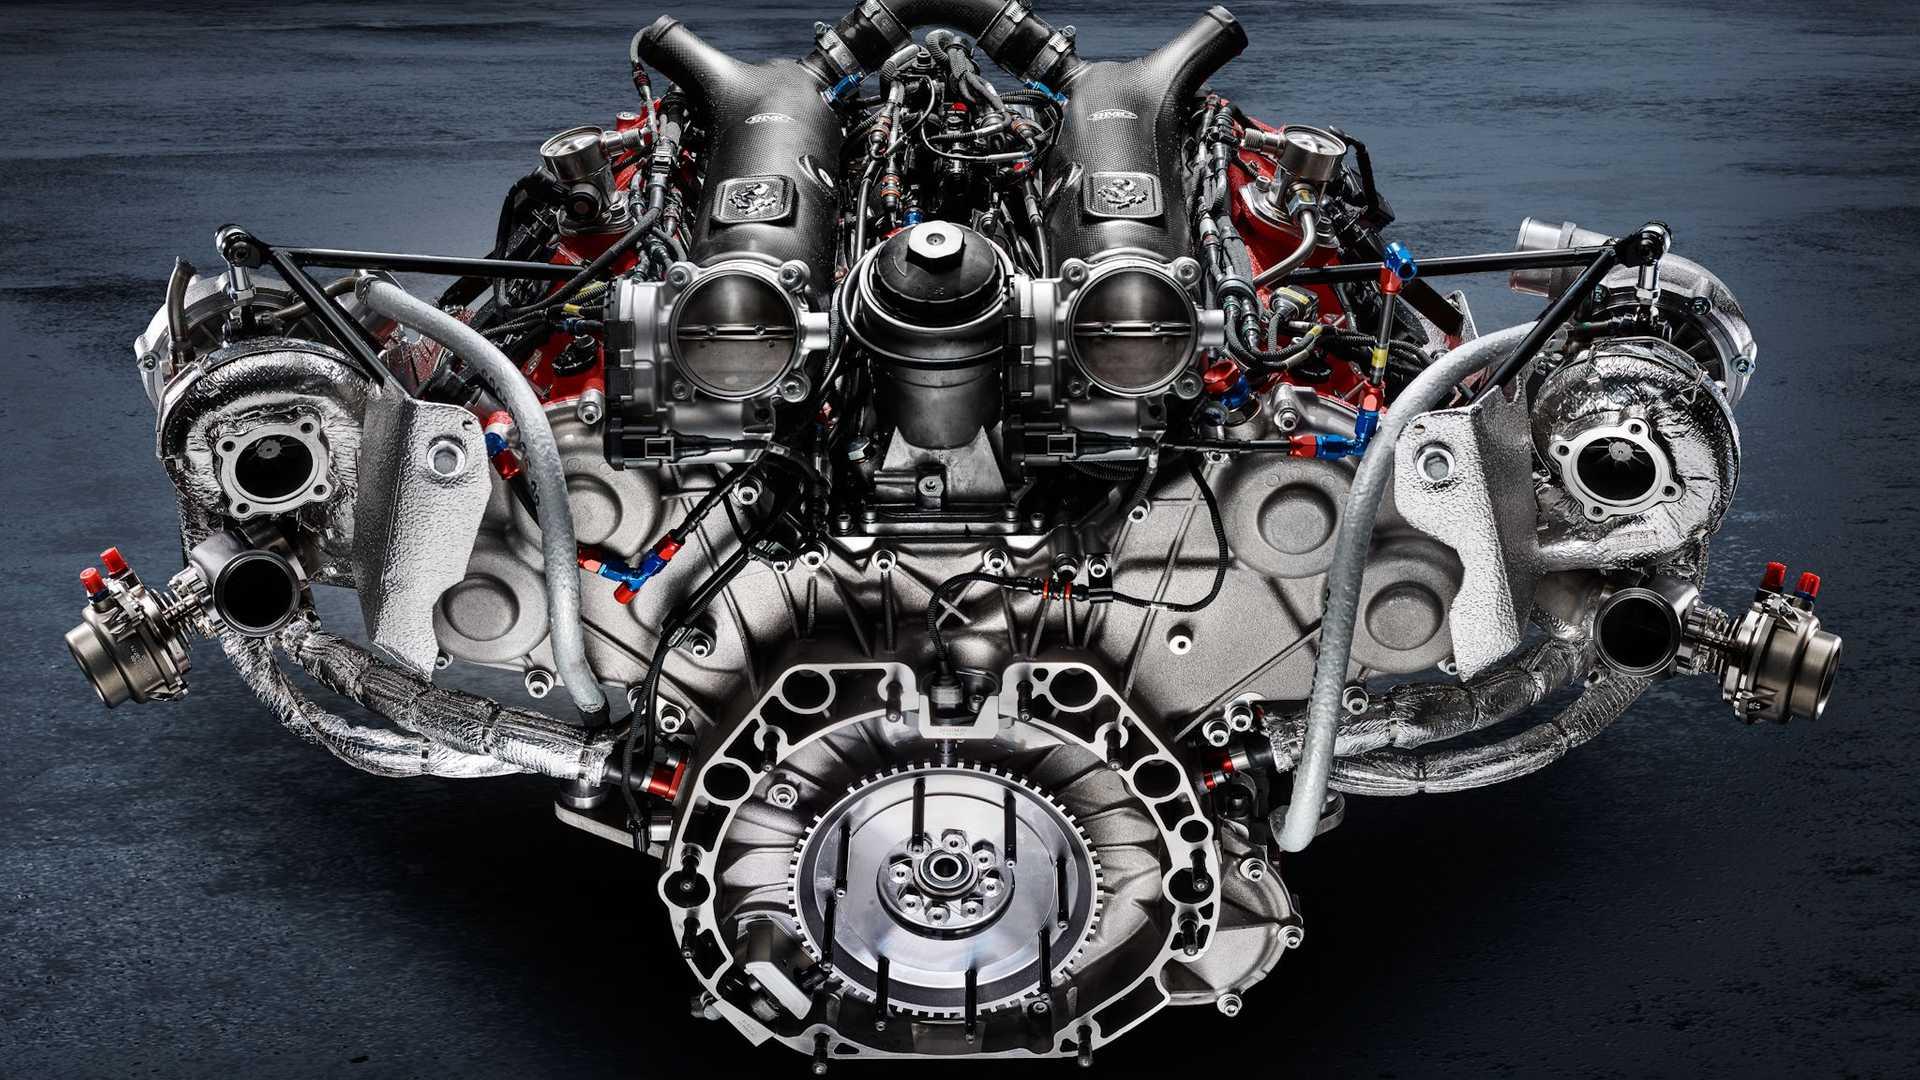 ferrari 488 gt modificata engine 1 فراری 488GT